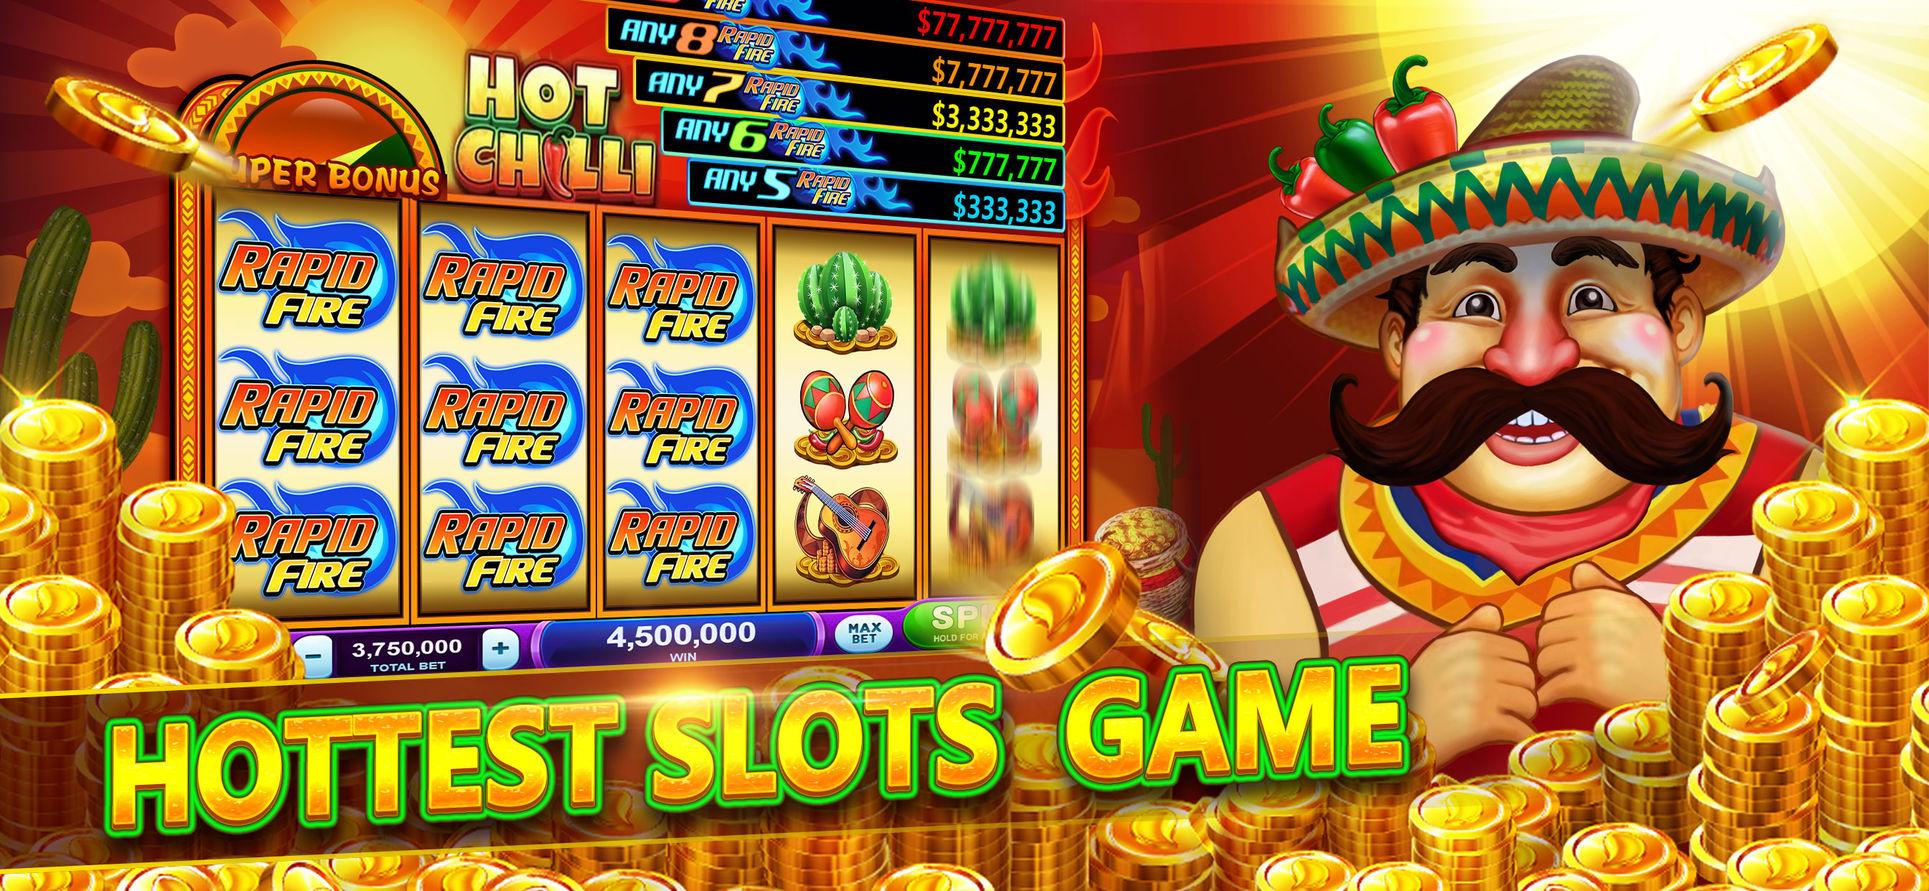 Tips Bermain Slot Golden Tiger - Pelajari Cara Menang di Mesin Slot dengan Cara yang Benar